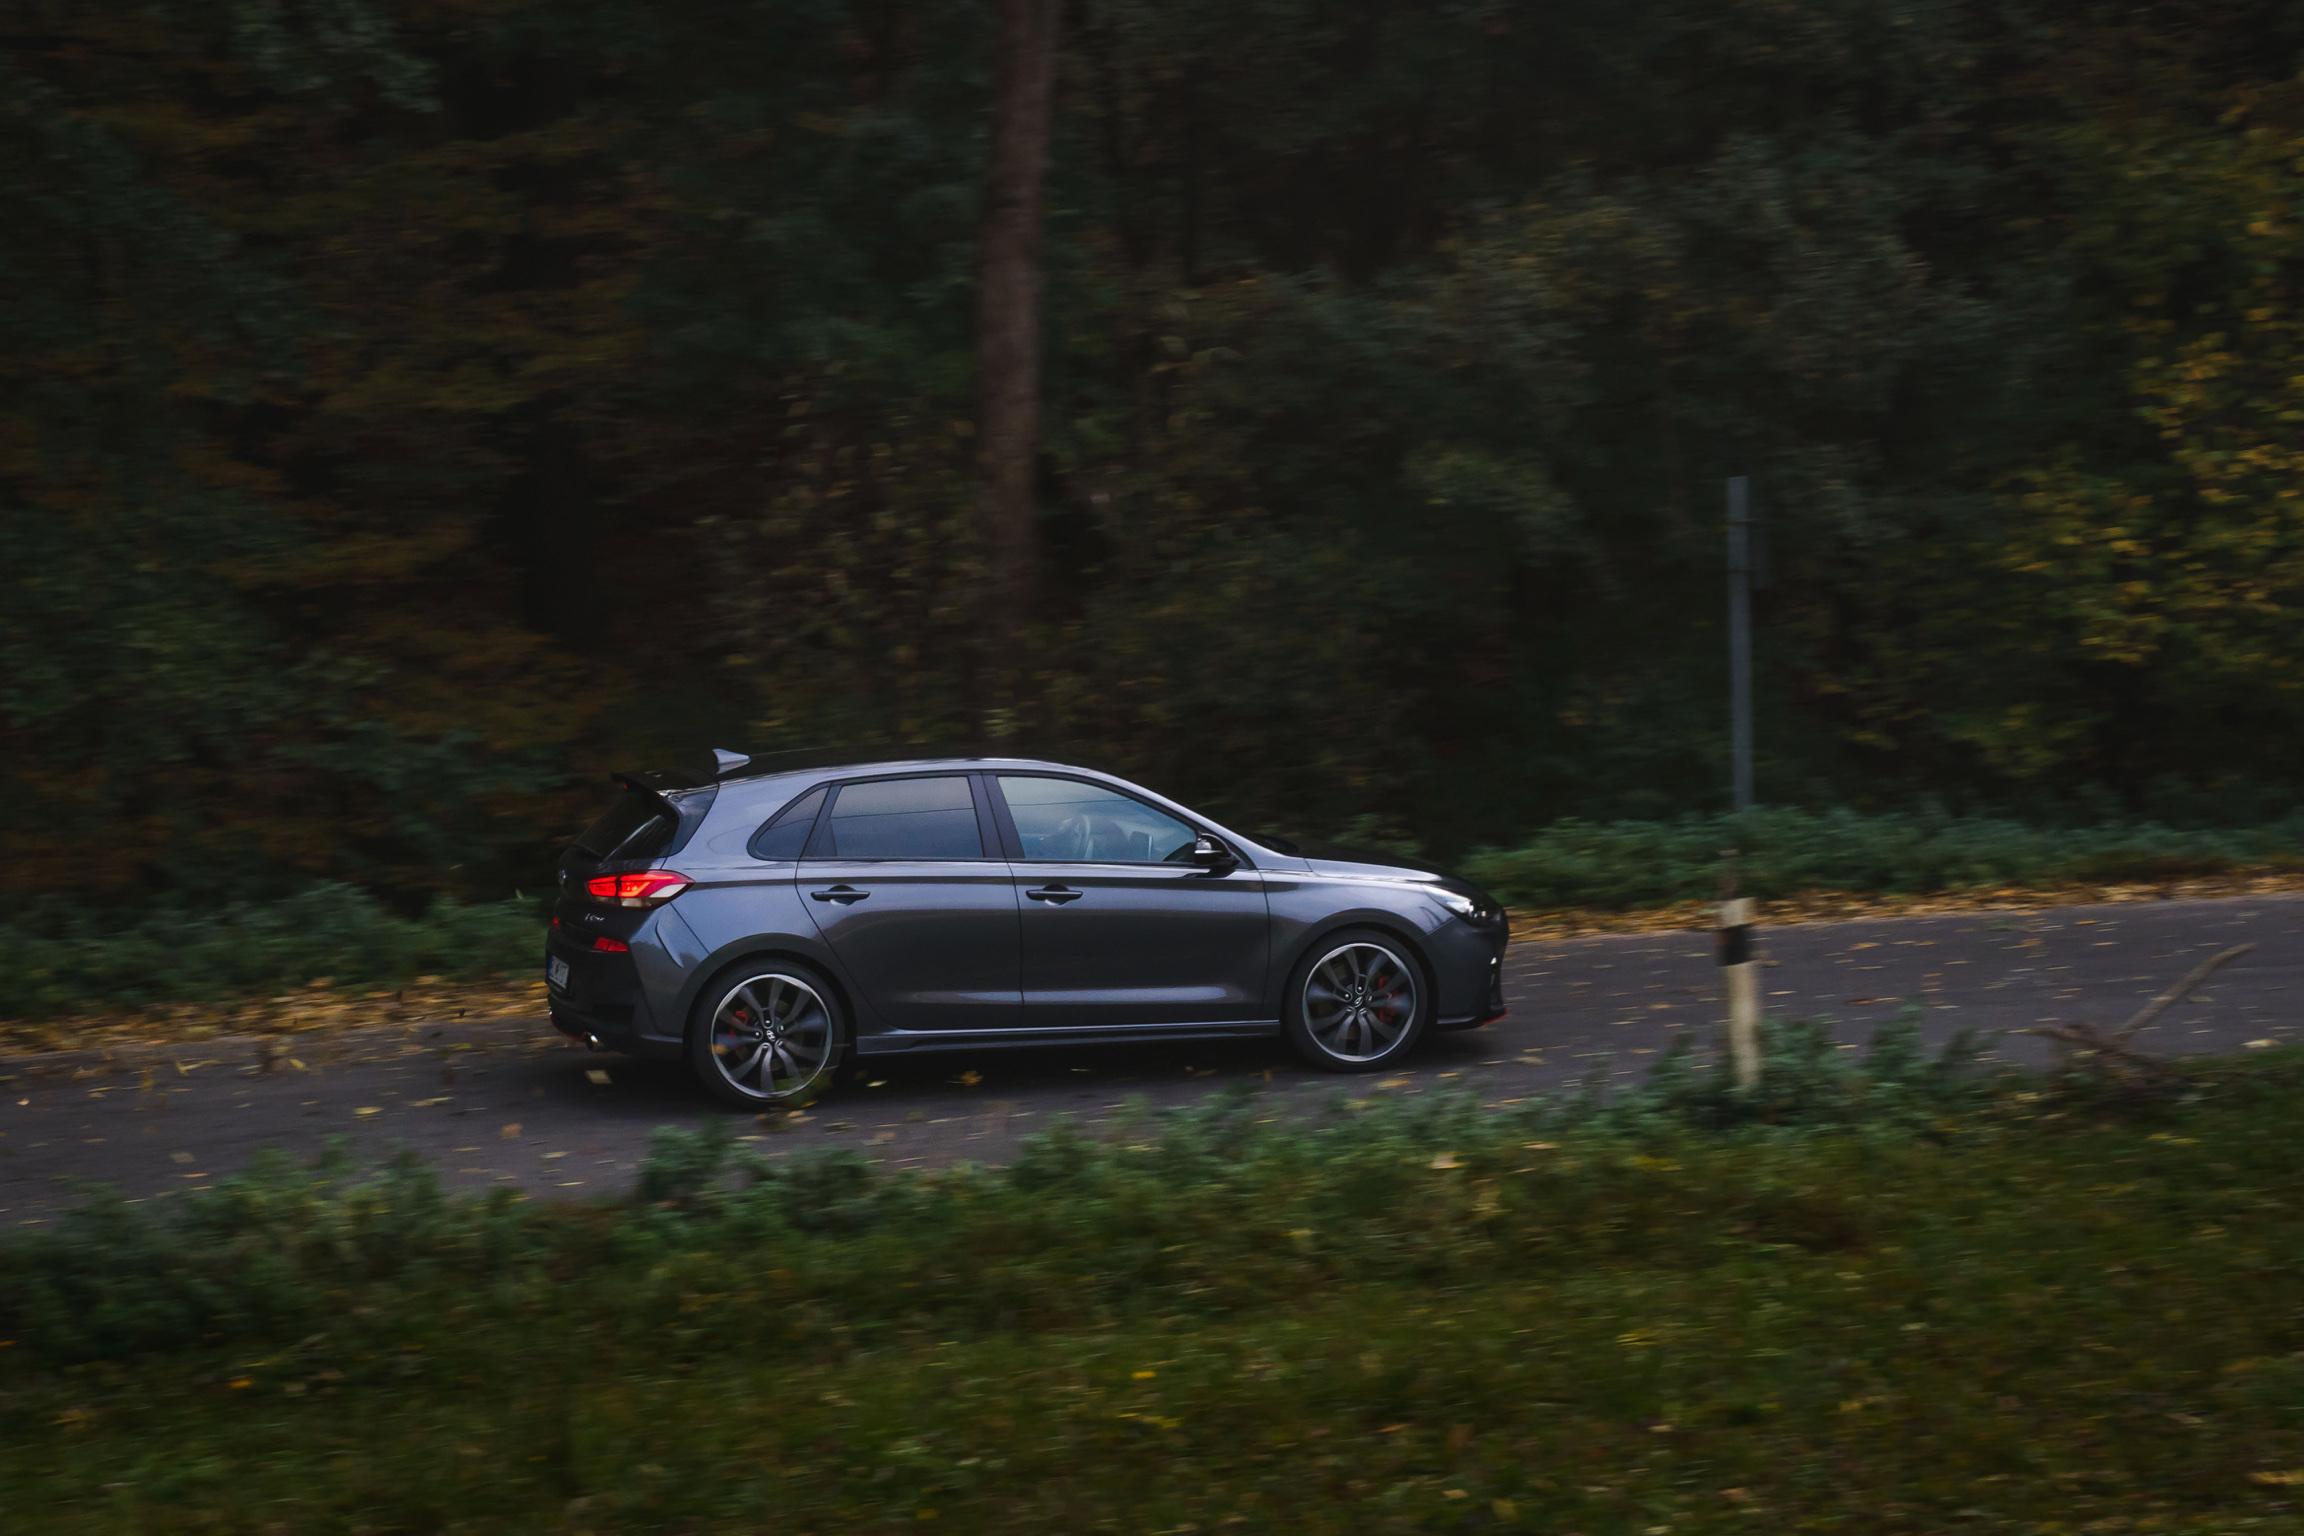 rýchlosť datovania Clio RS datovania menšie nelegálne